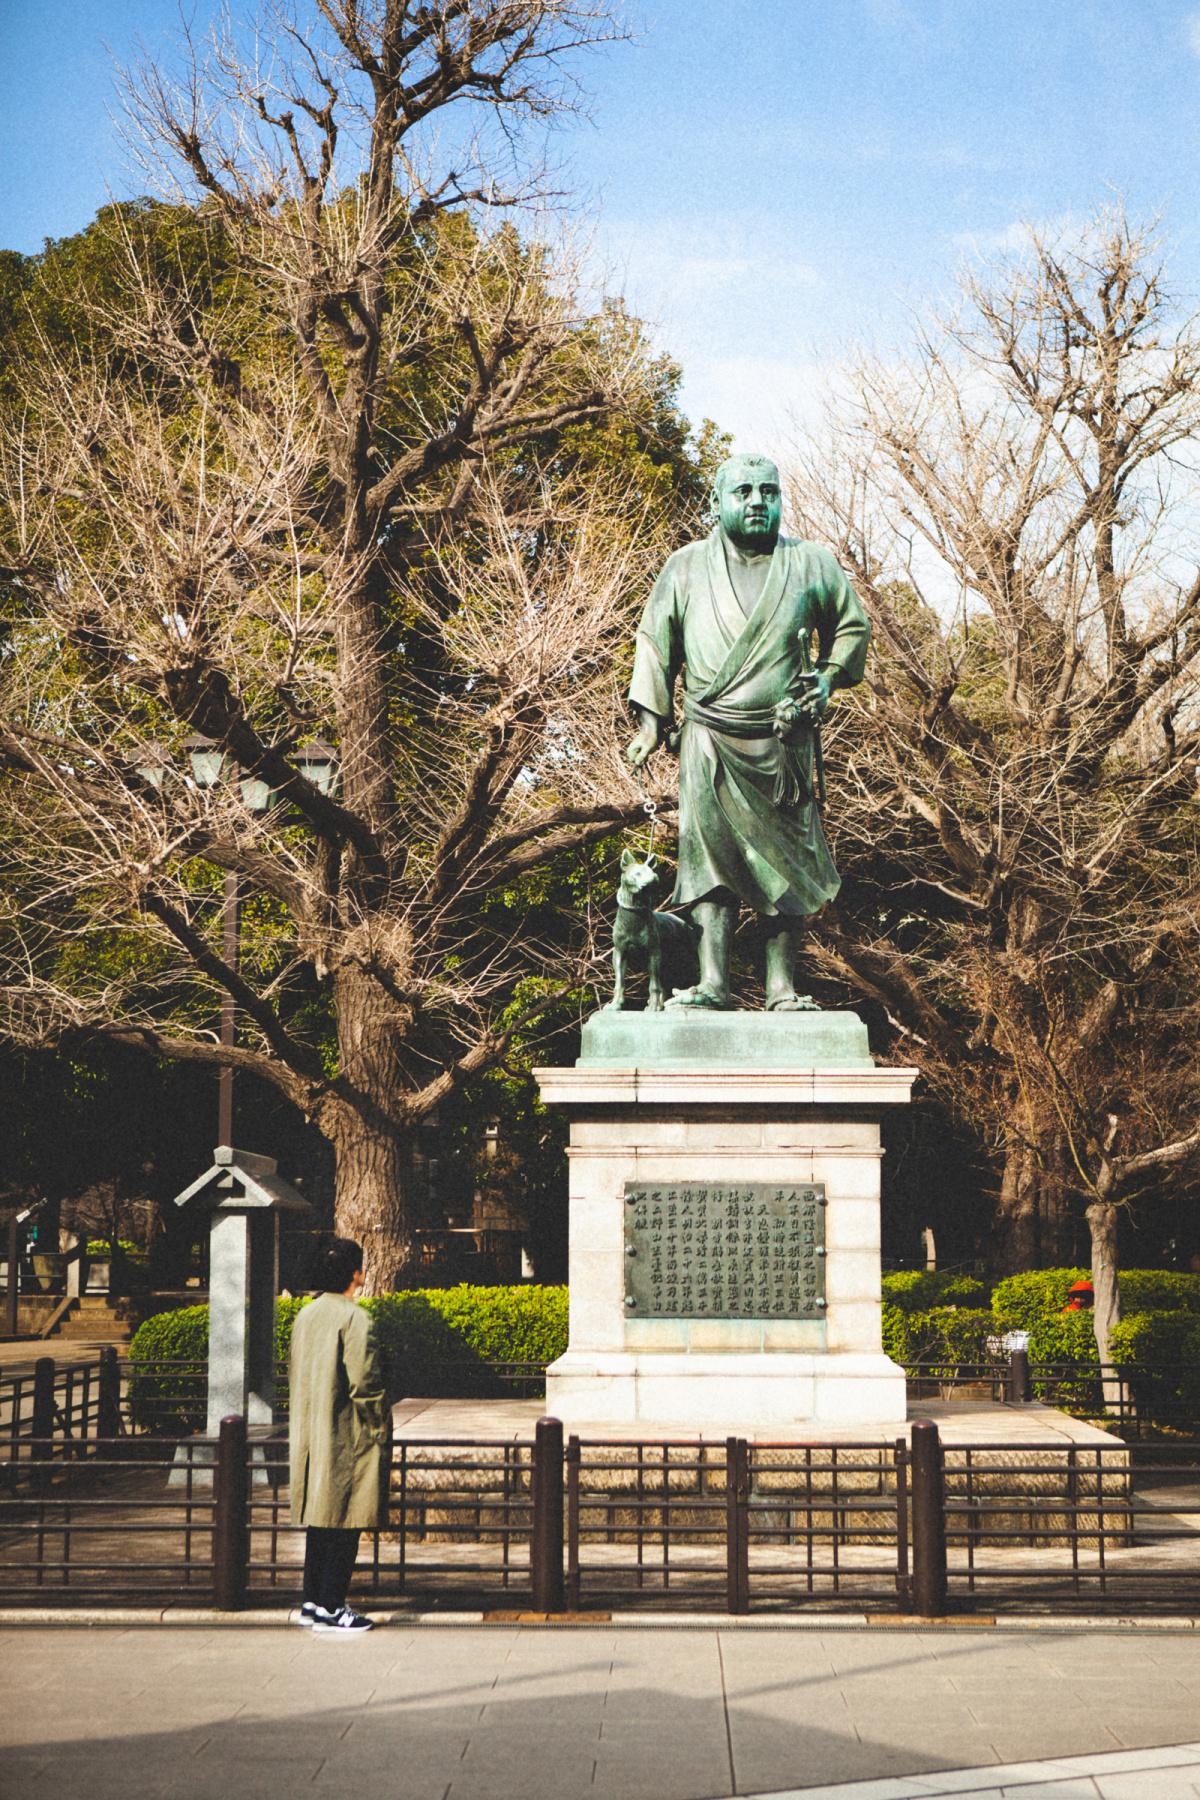 徳川の聖地から、大日本帝国のための祝典の場へ。